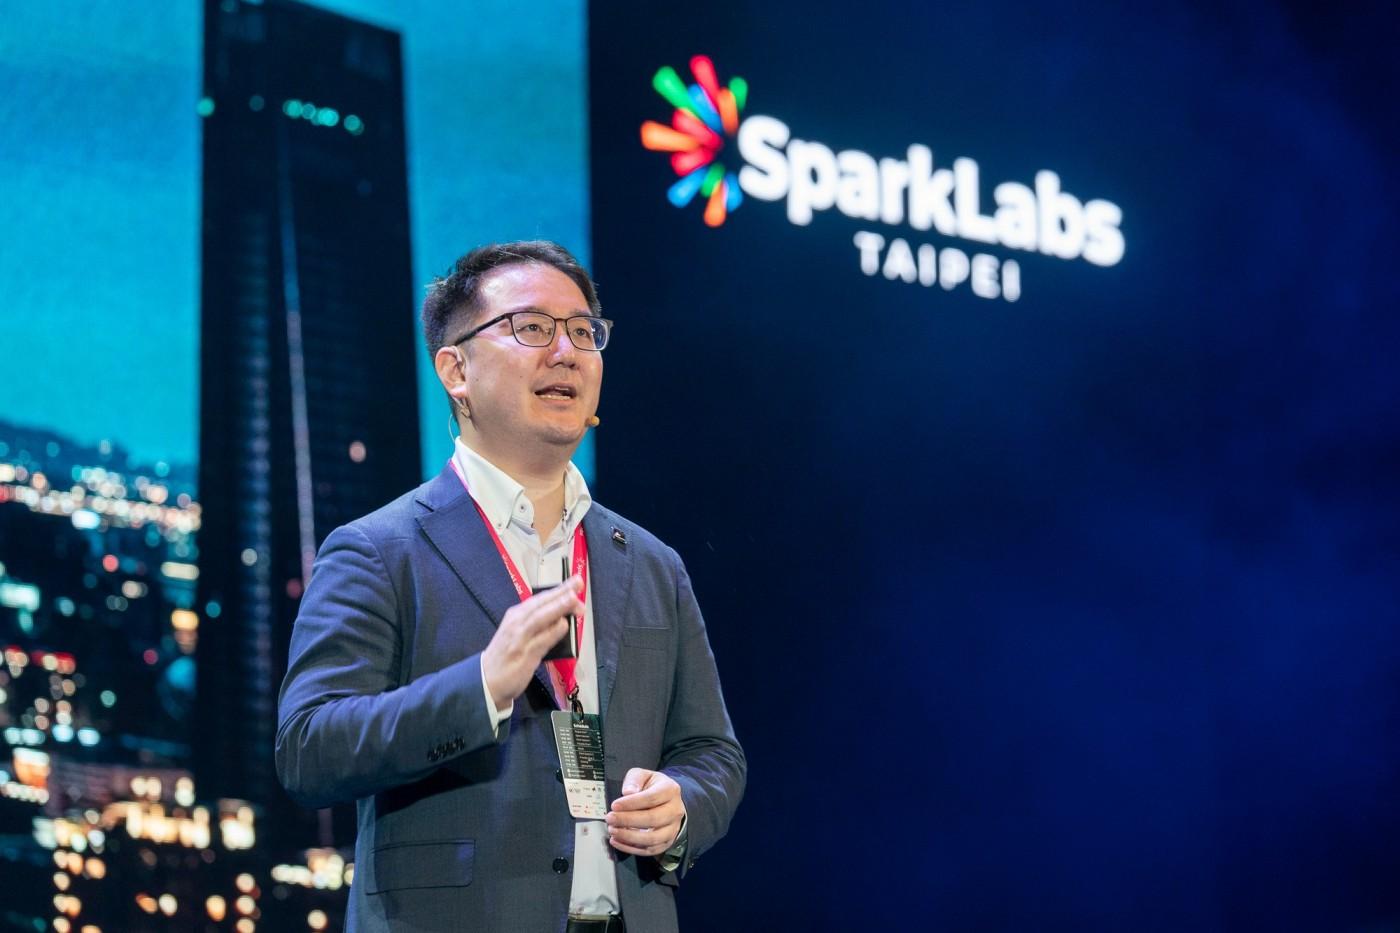 從幽靈廚房到婚紗電商,矽谷加速器SparkLabs Taipei看中哪些新創團隊?